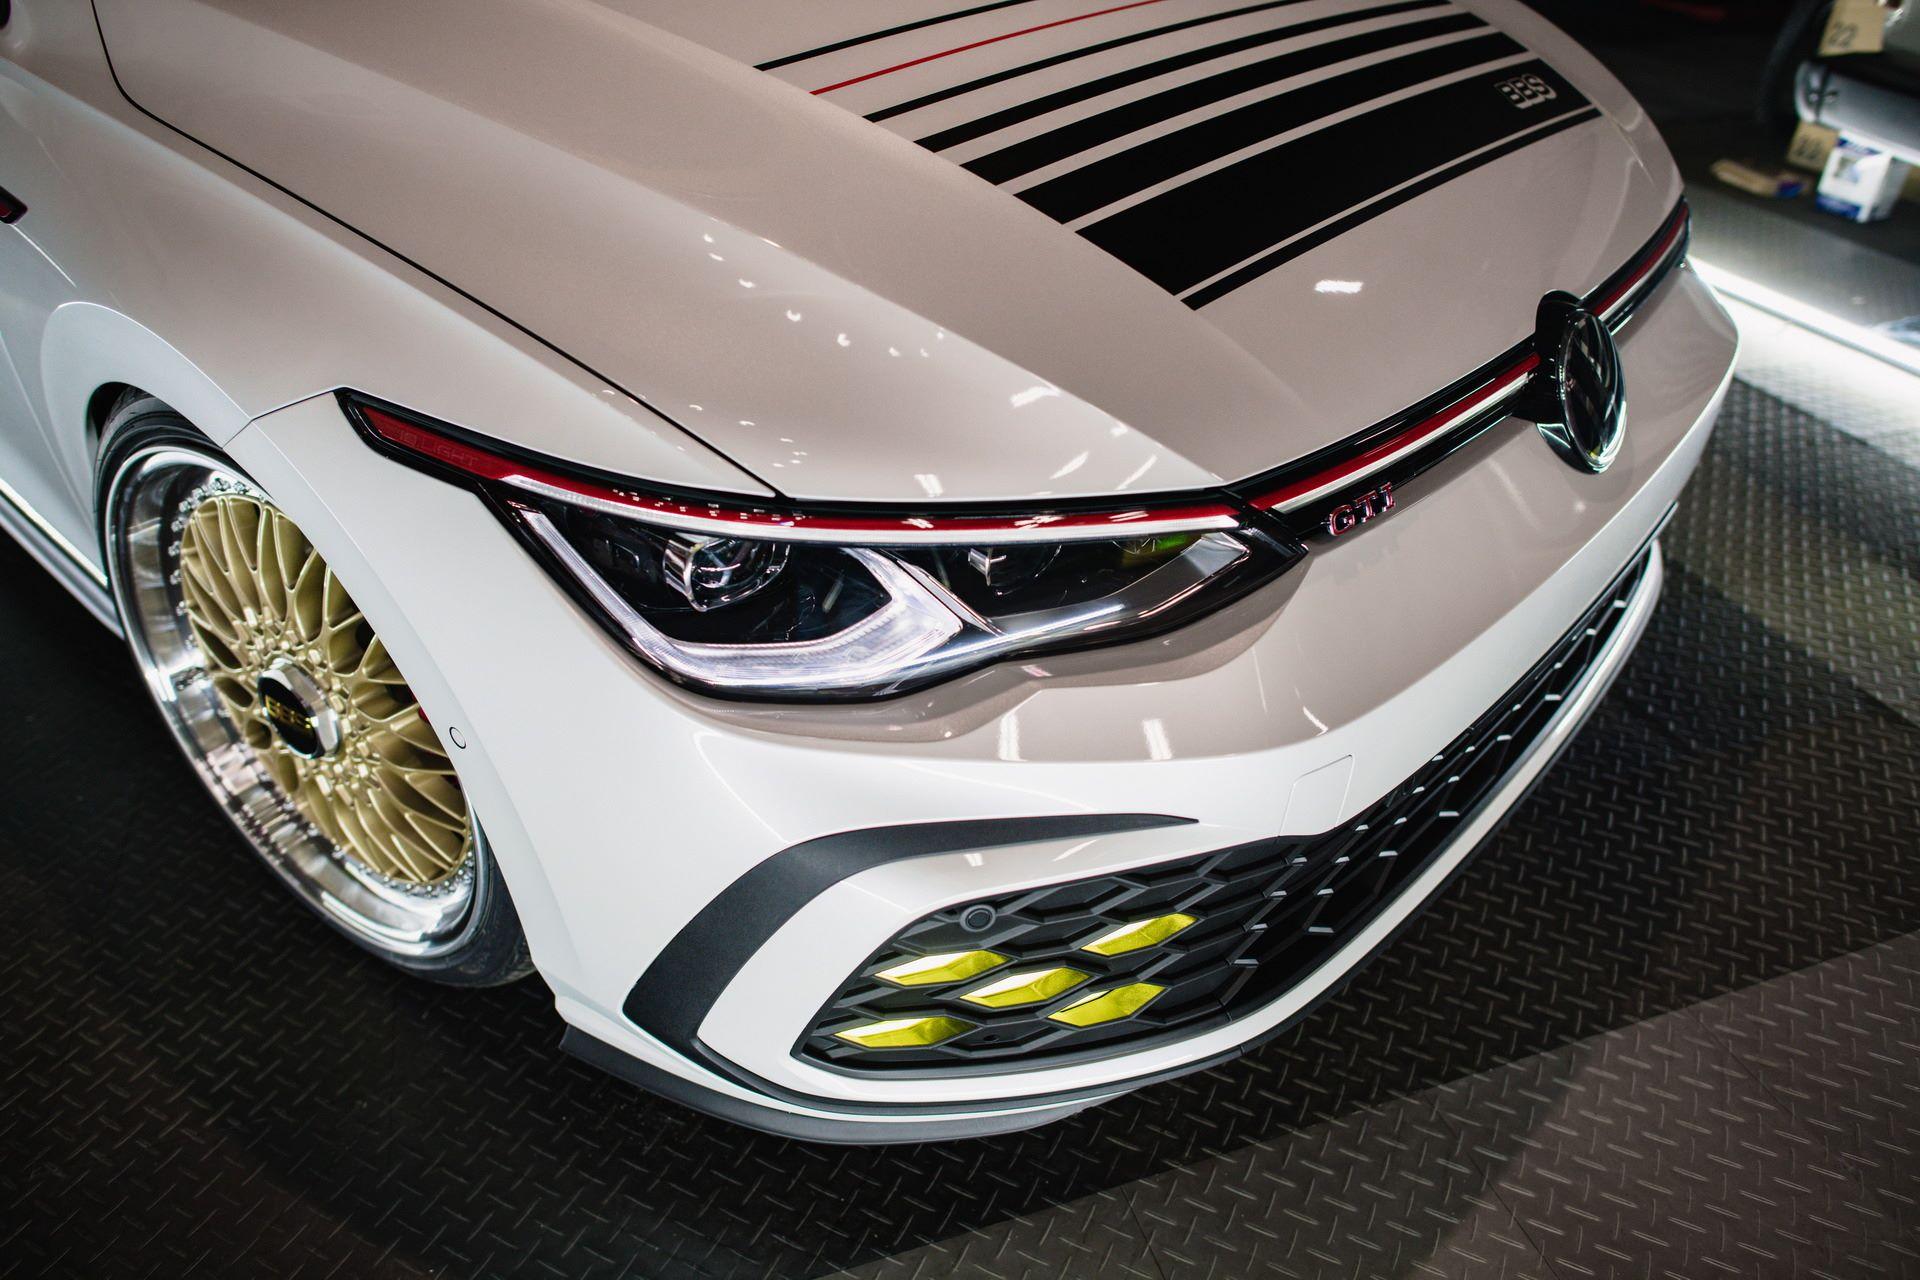 Volkswagen-Golf-GTI-BBS-Concept-10